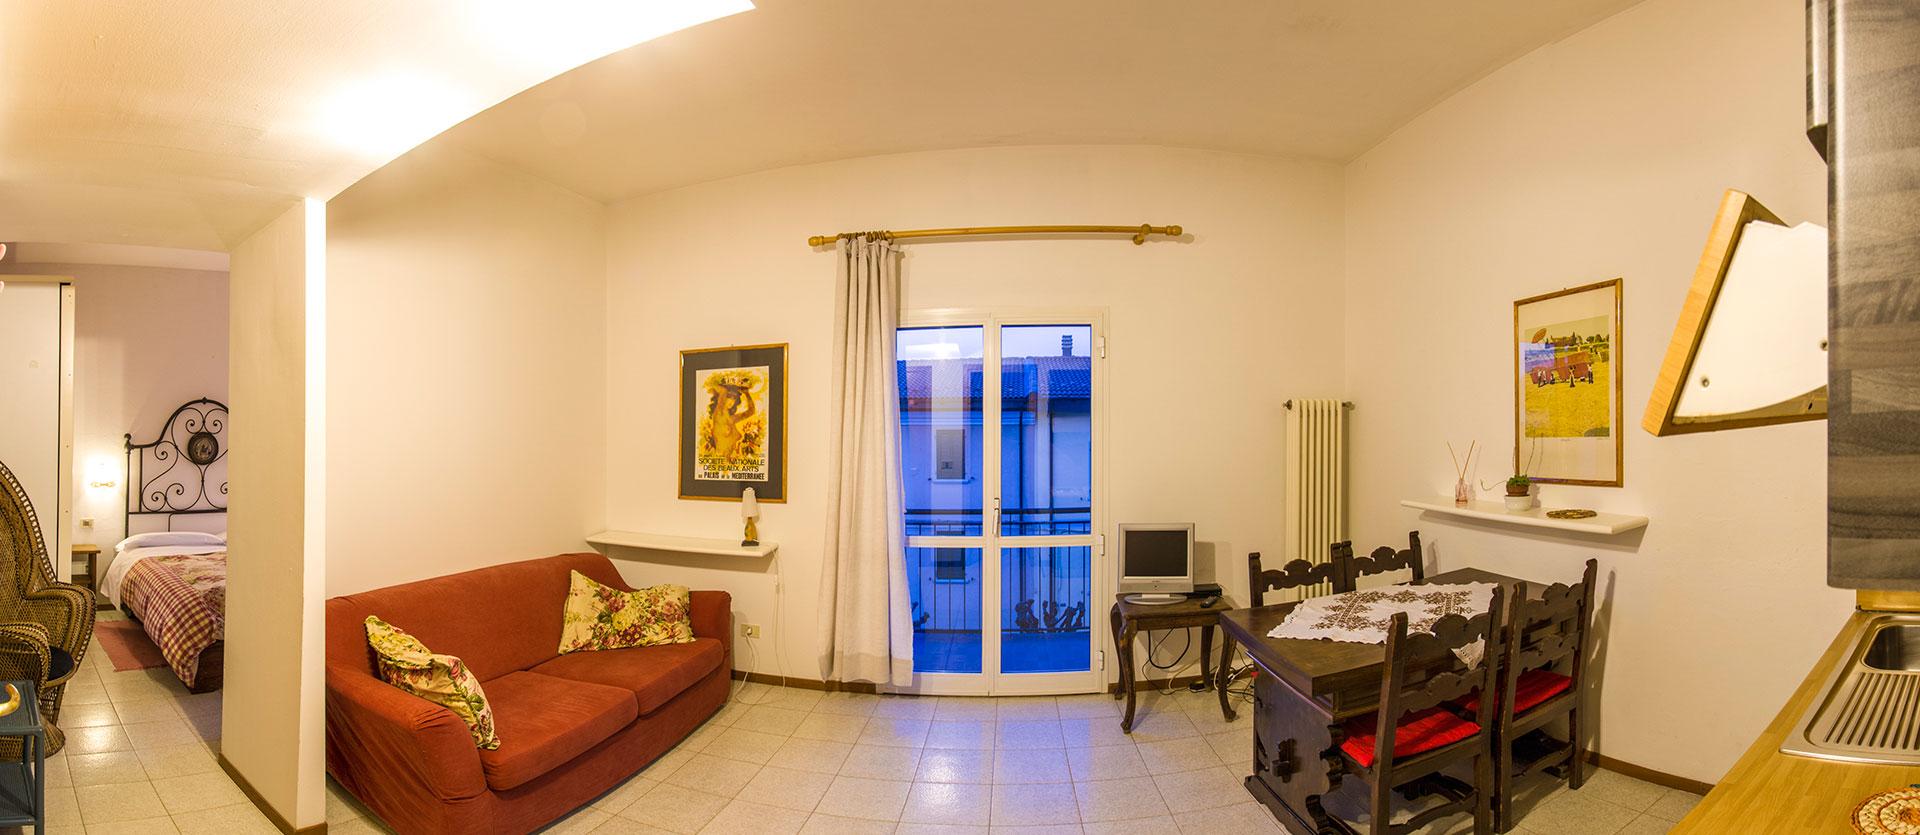 Appartamento monolocale in affitto al corno alle scale villa fedora - Scale per appartamenti ...